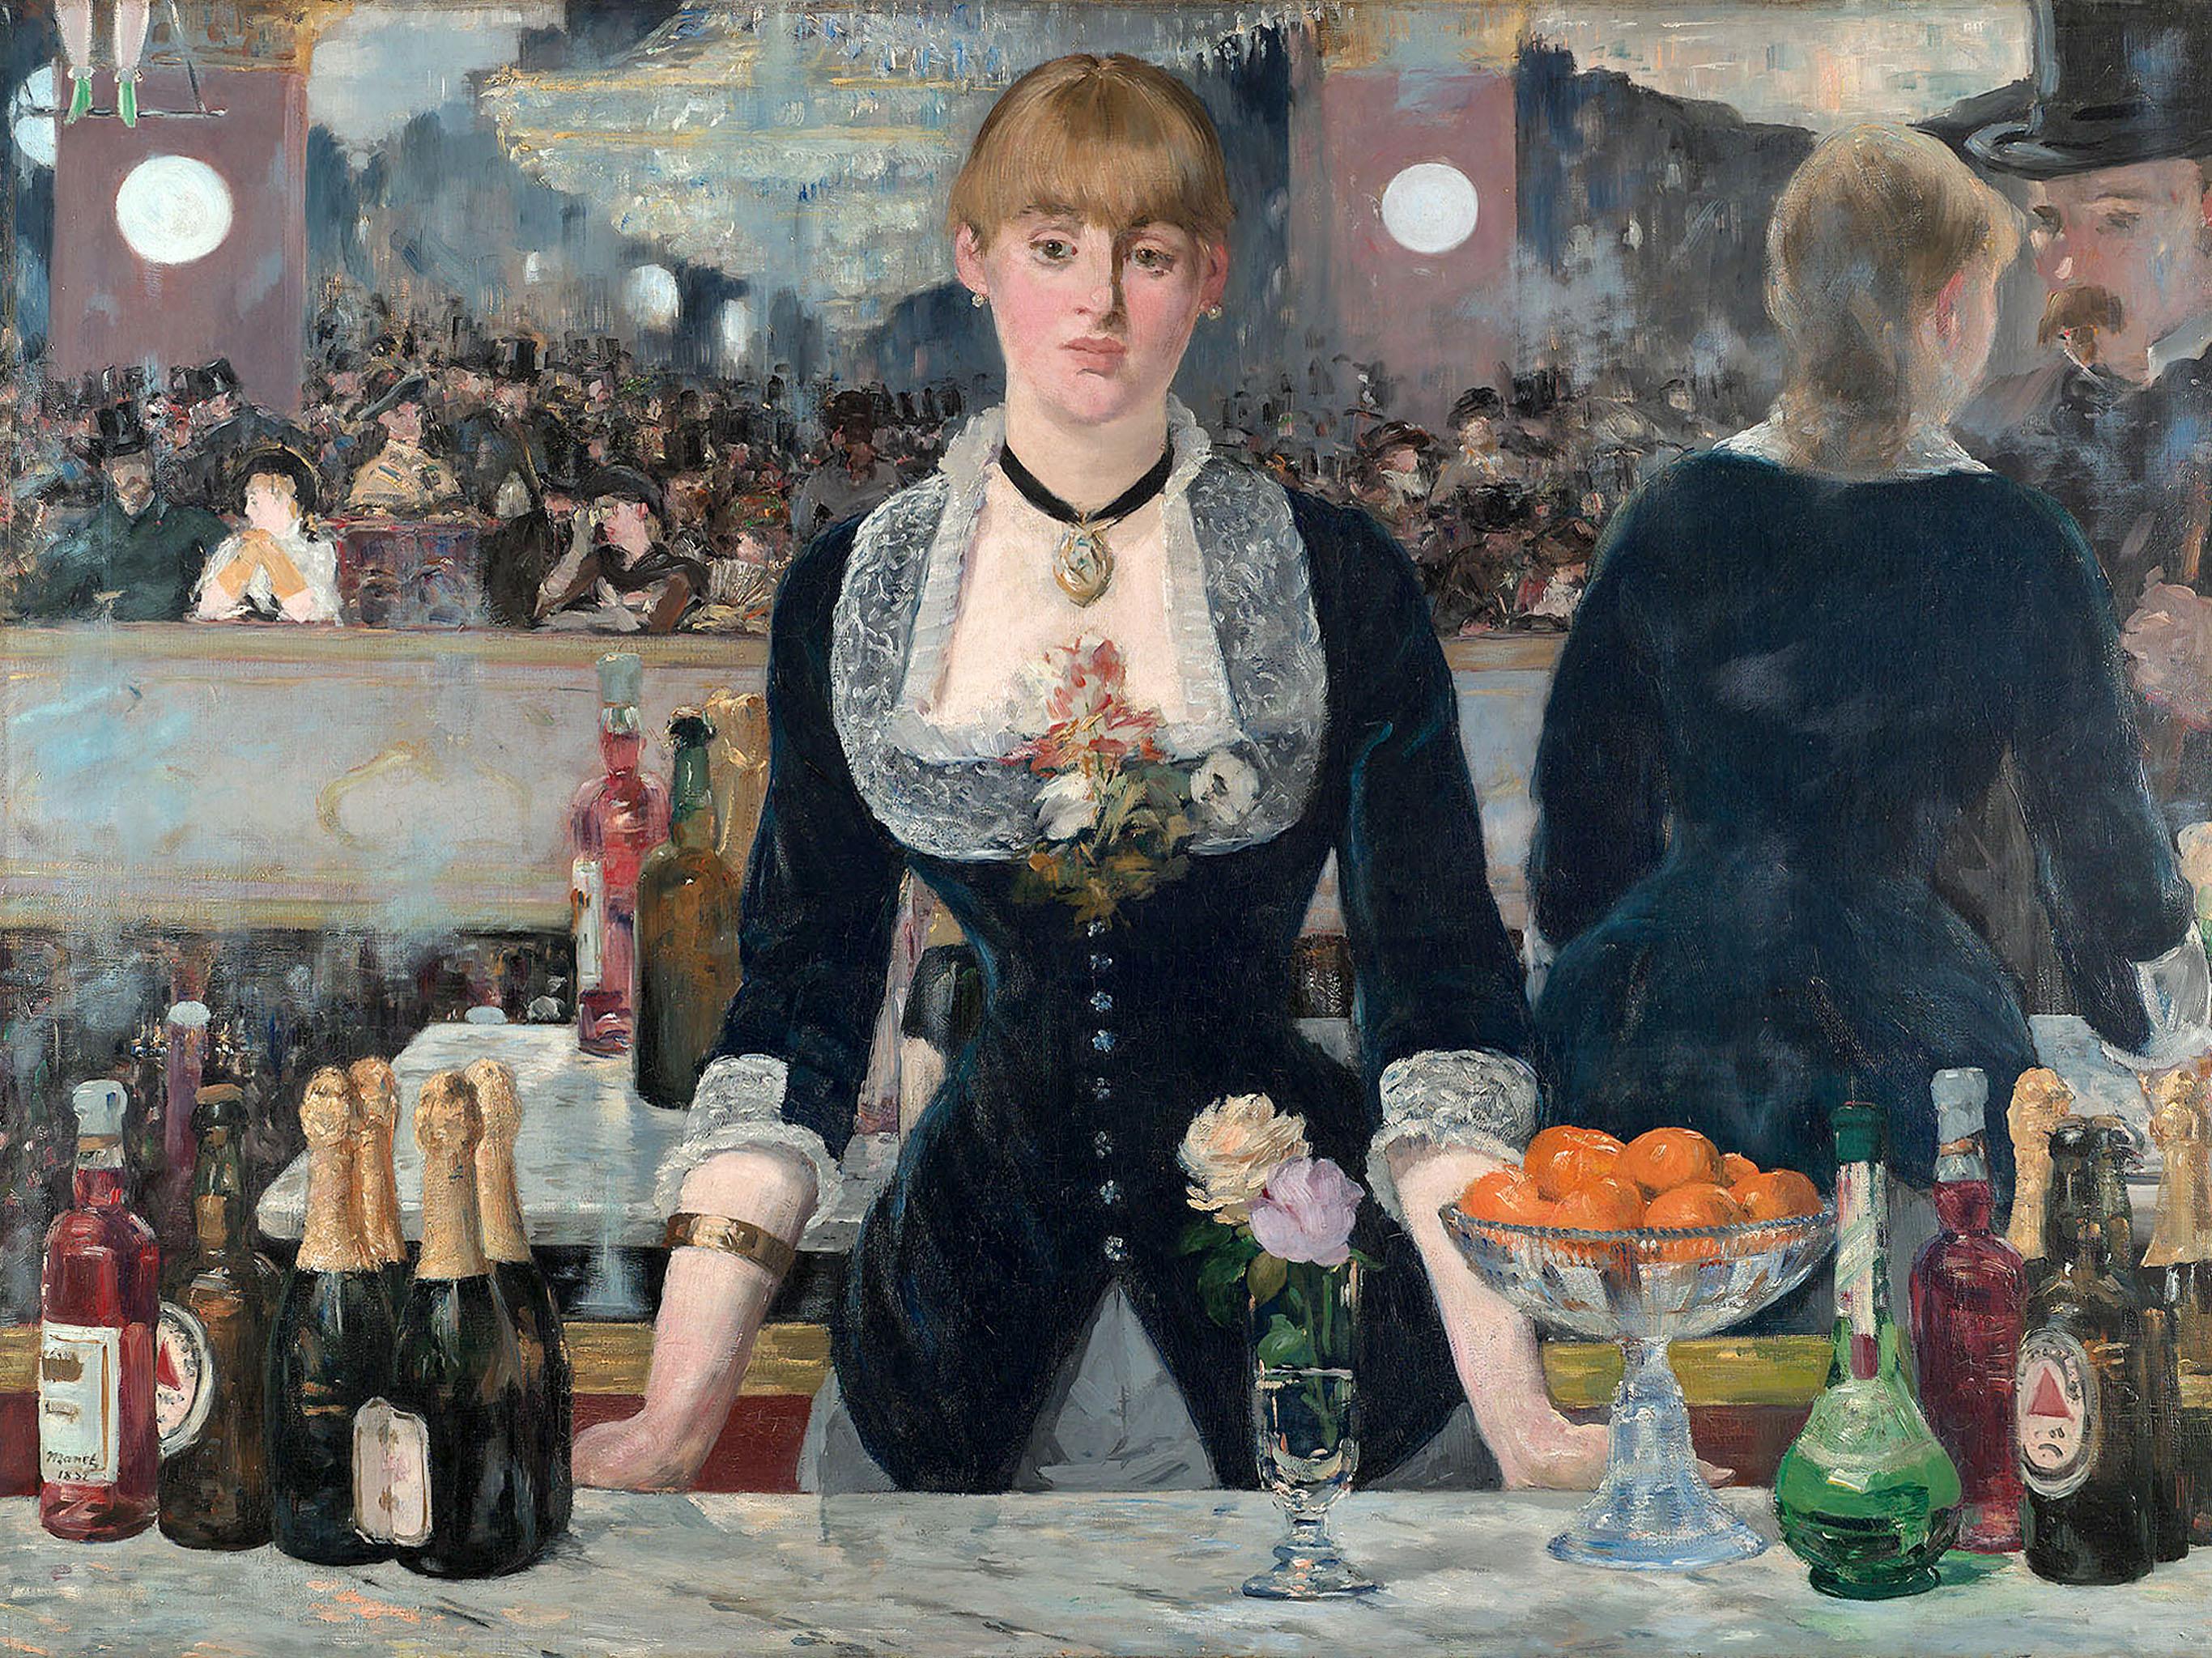 エドゥアール・マネ フォリー・ベルジェールのバー Edouard Manet - A Bar at the Folies Bergère 2732x2048